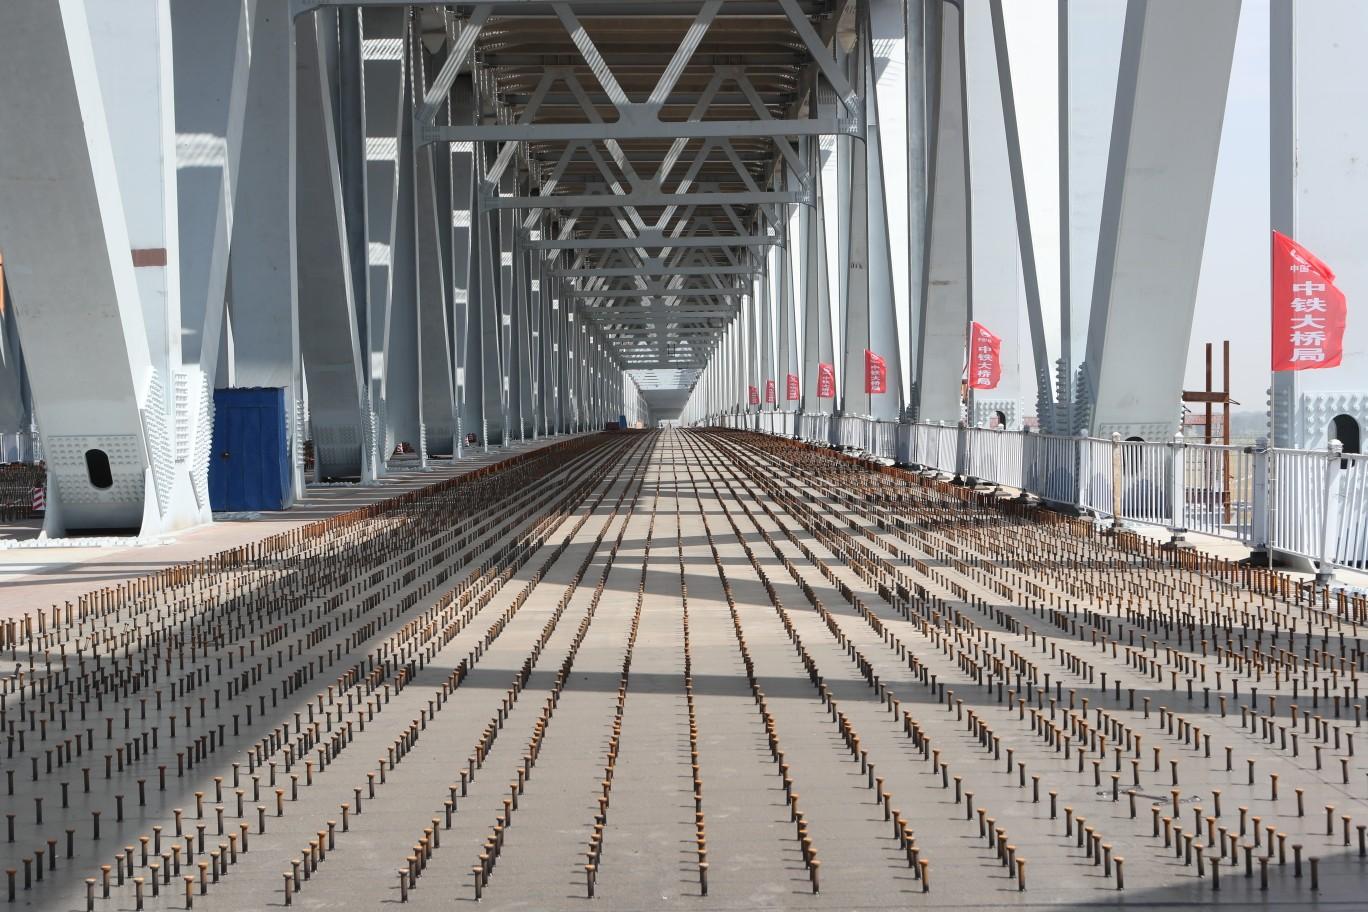 一桥飞架南北 郑济铁路郑州黄河特大桥主桥钢桁梁合龙